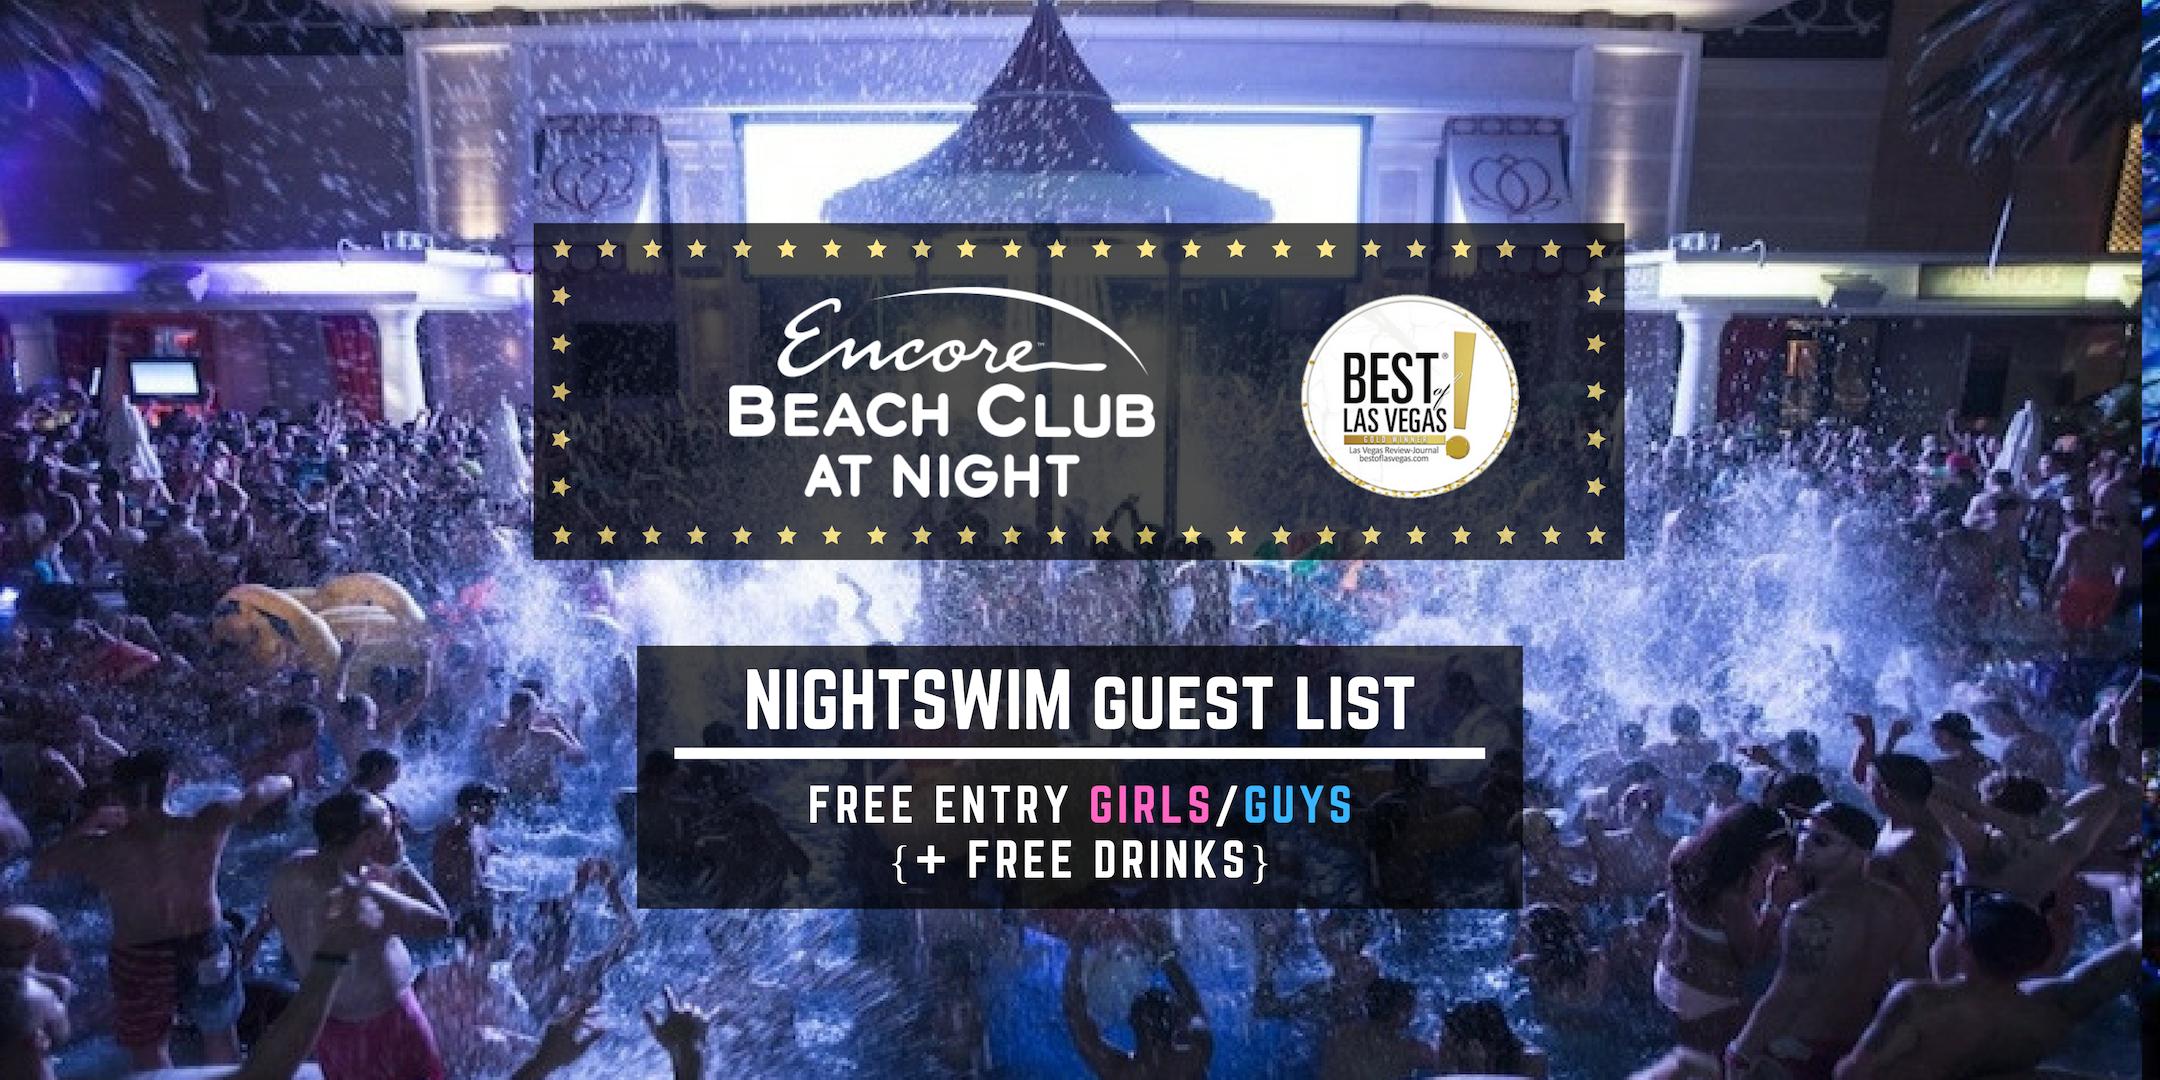 Encore Beach Club Nightswim: FREE Entry/FREE Drinks - Vegas Pool Guest List